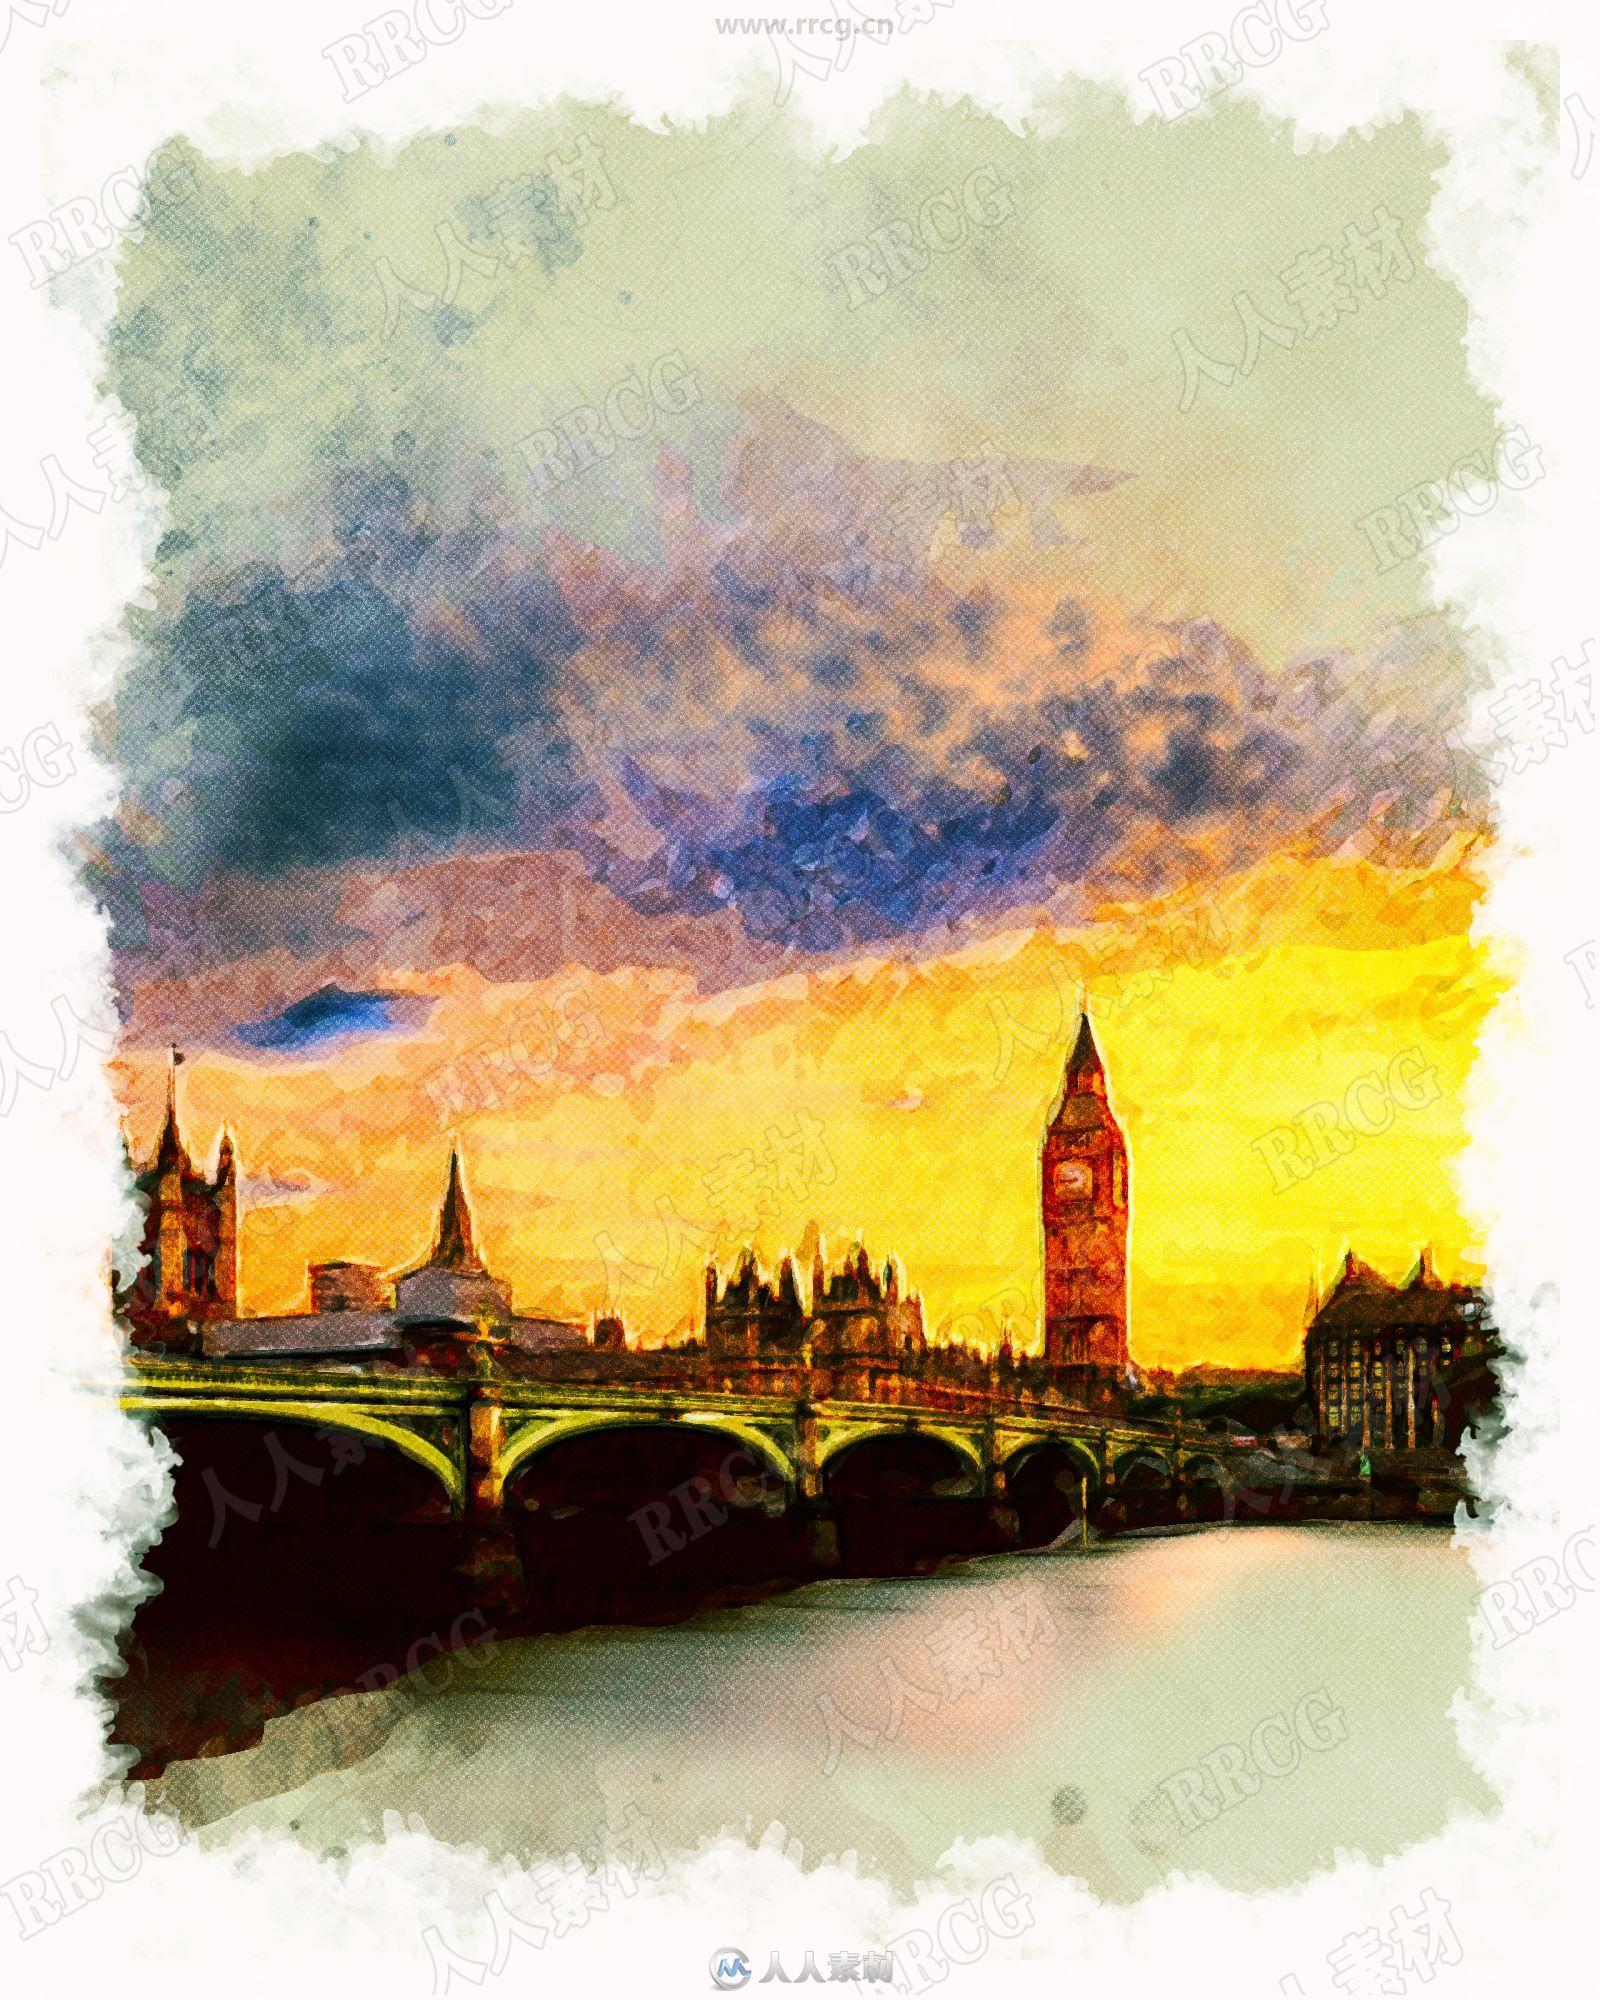 复古建筑风景油画艺术图像处理特效PS动作